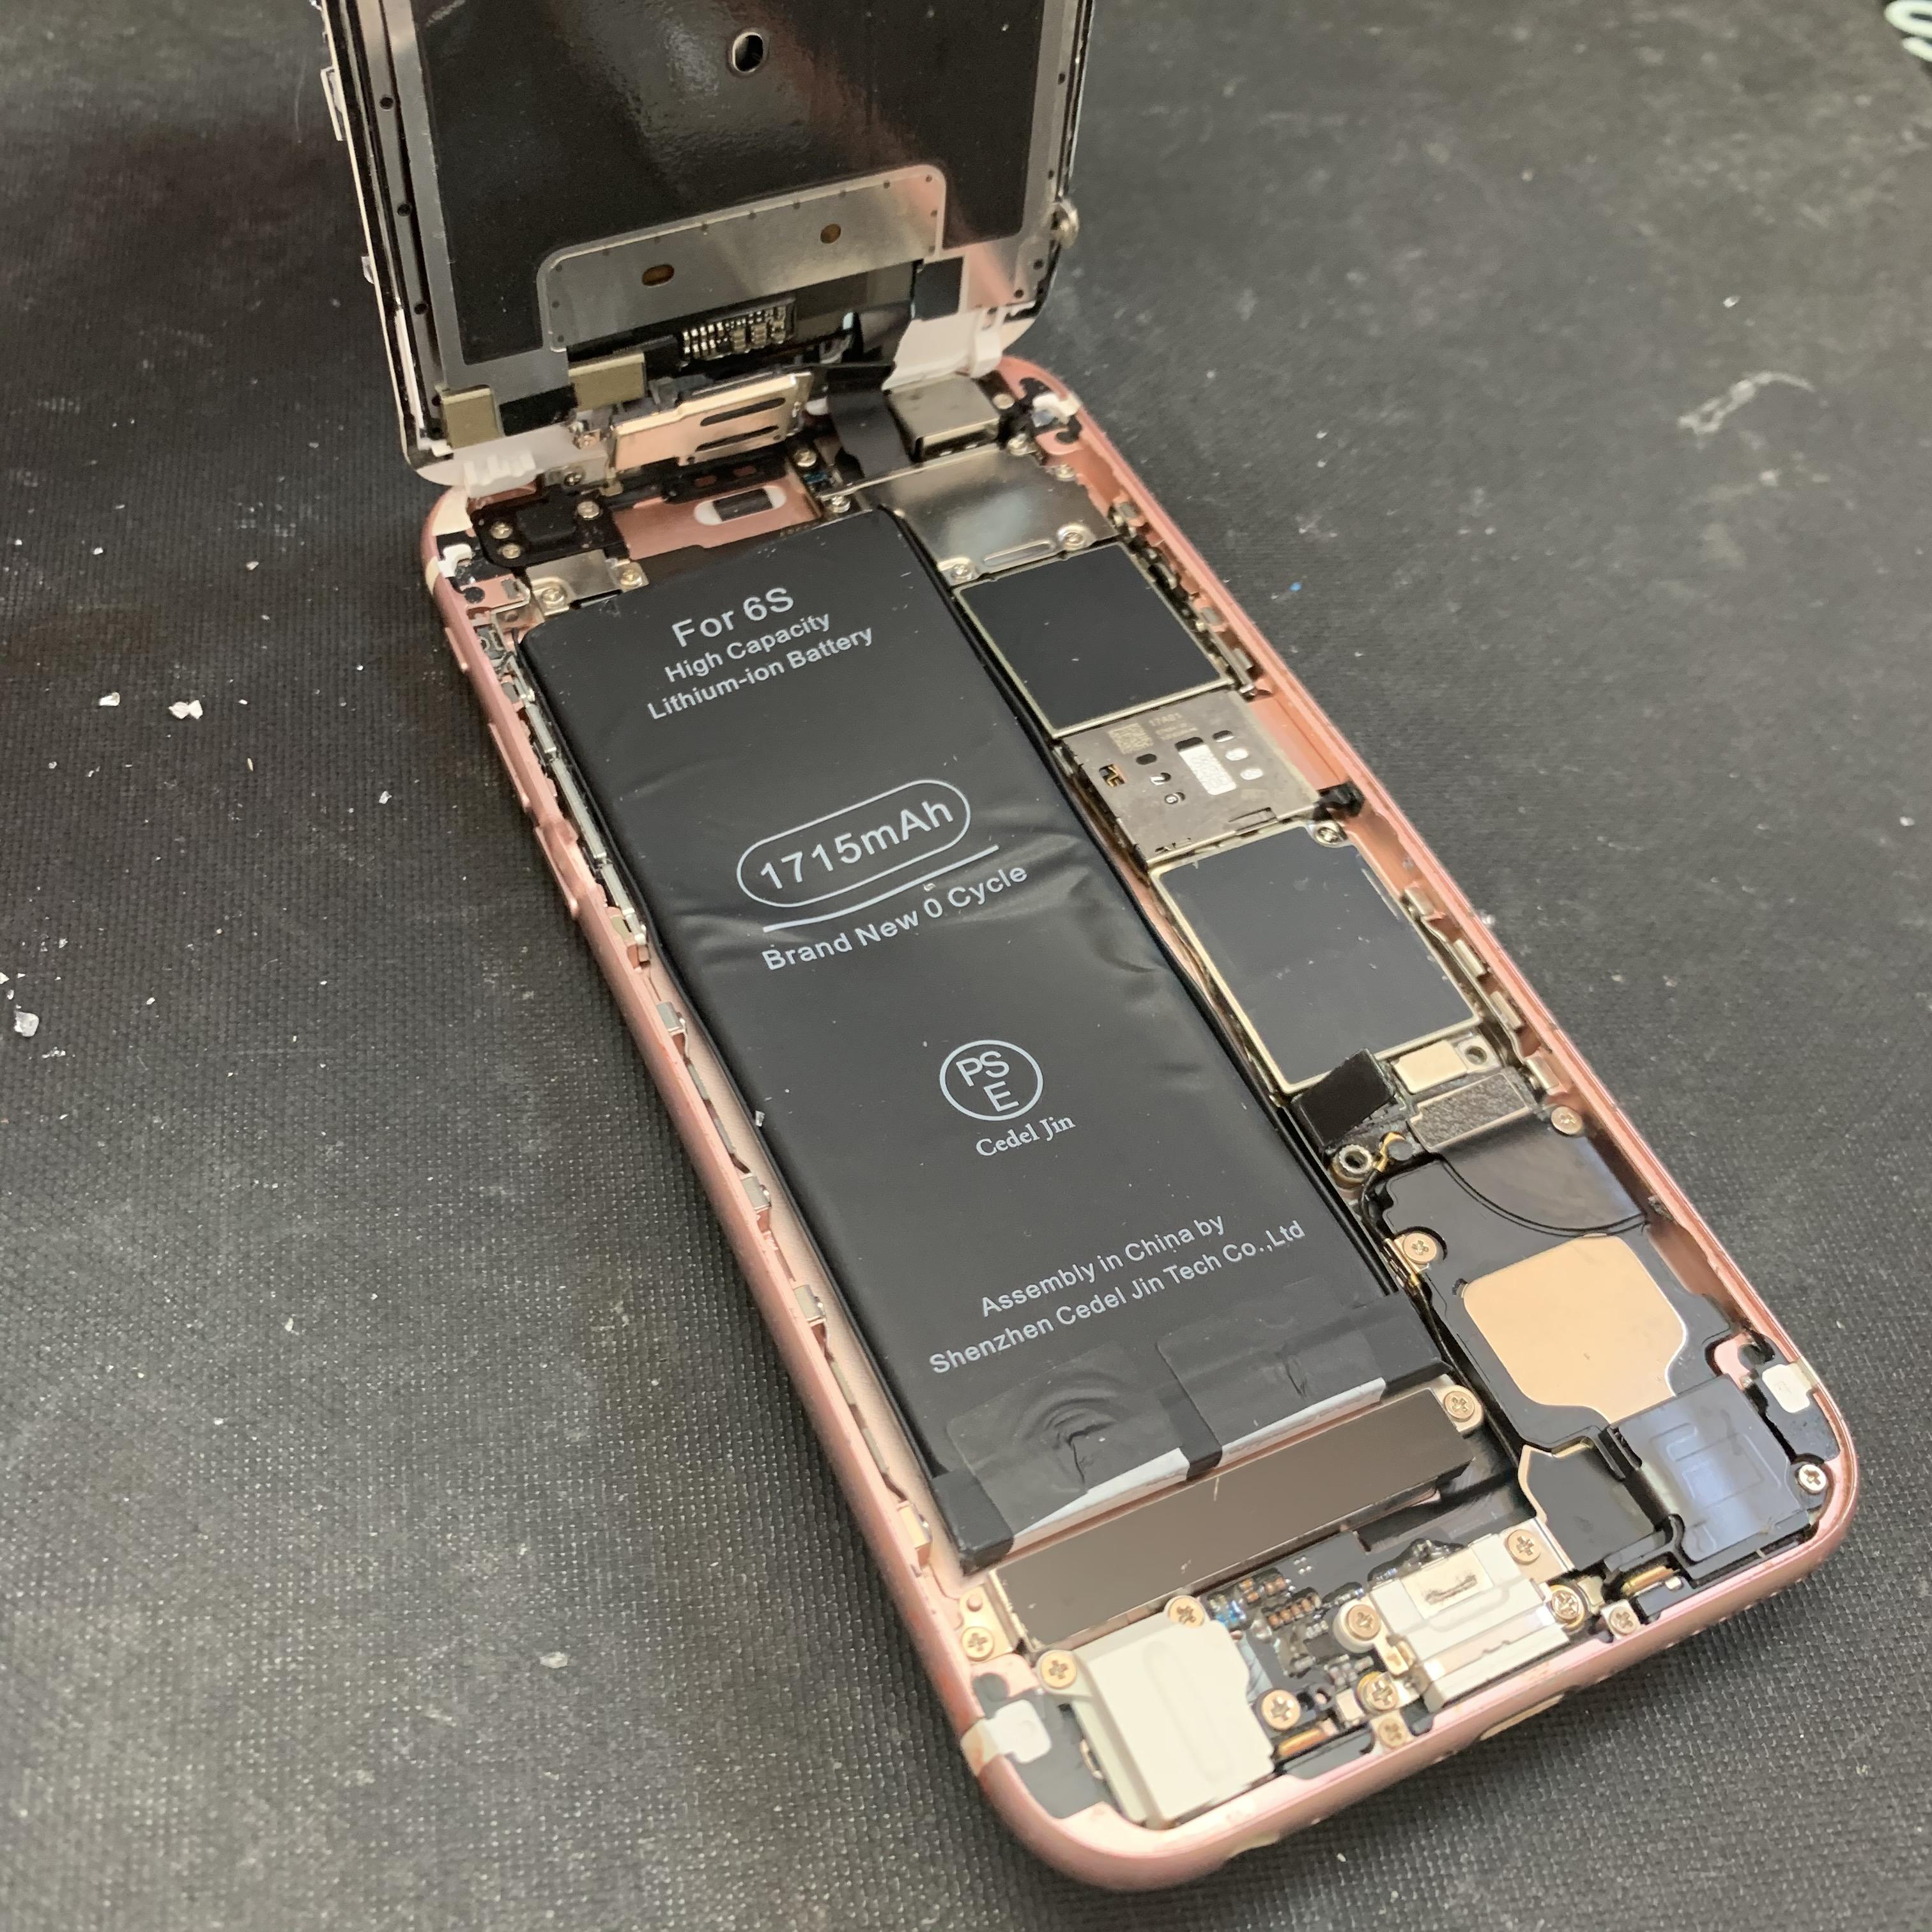 大破したiPhone6Sの内部